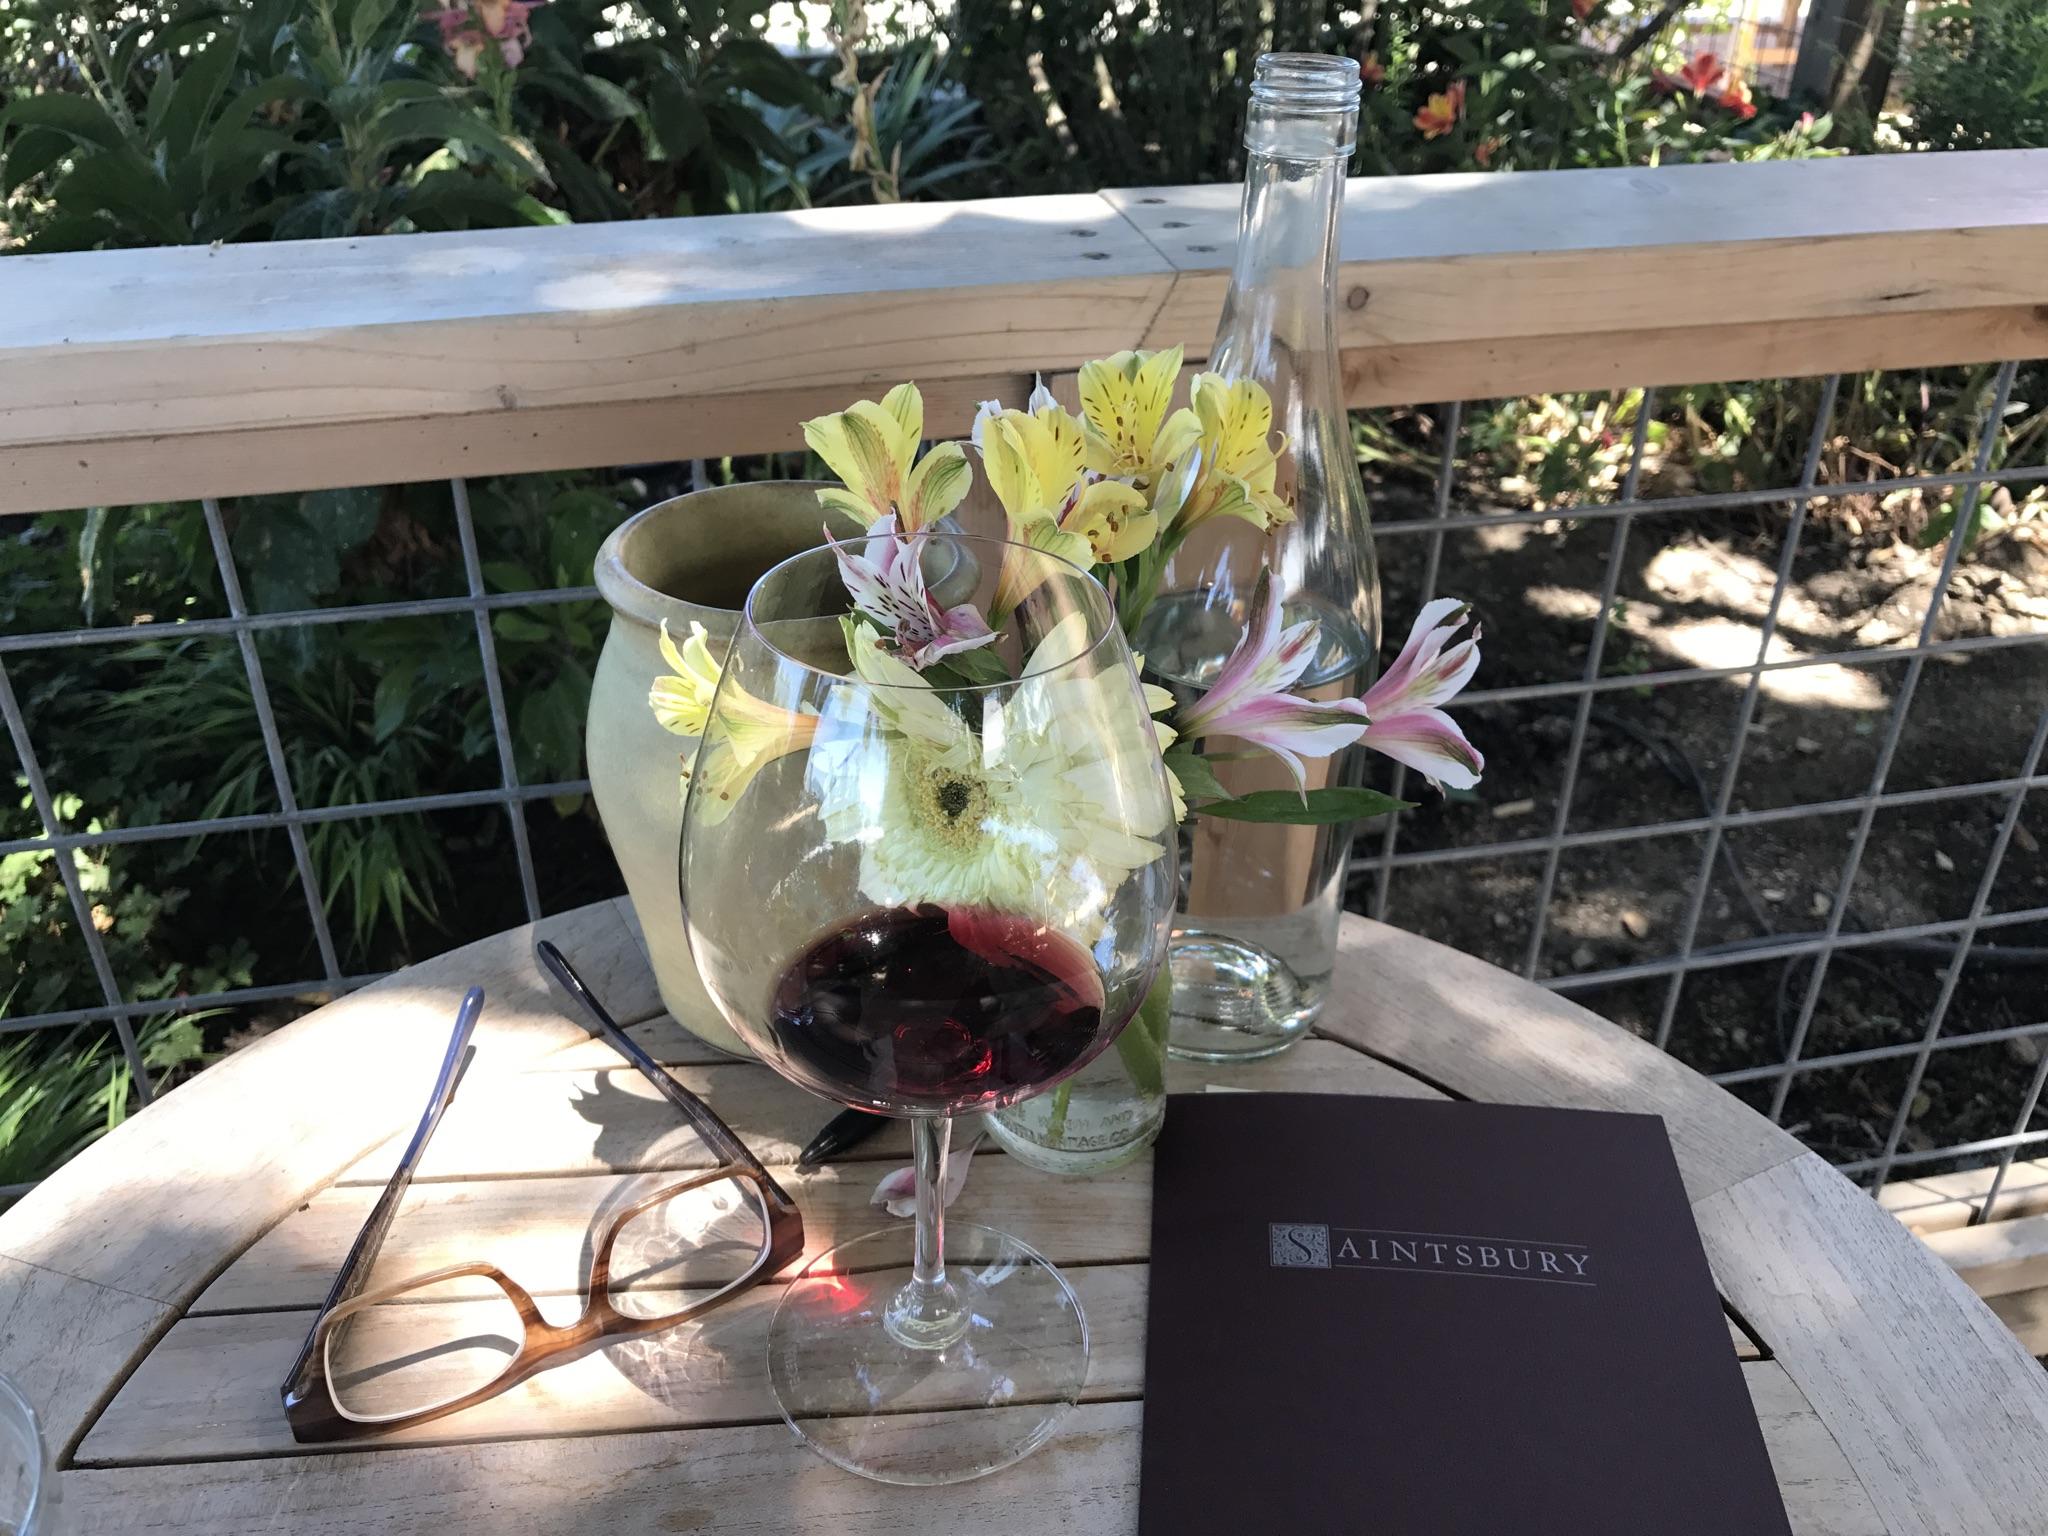 Saintsbury  in Los Carneros AVA of California makes exquisite Pinot Noir.